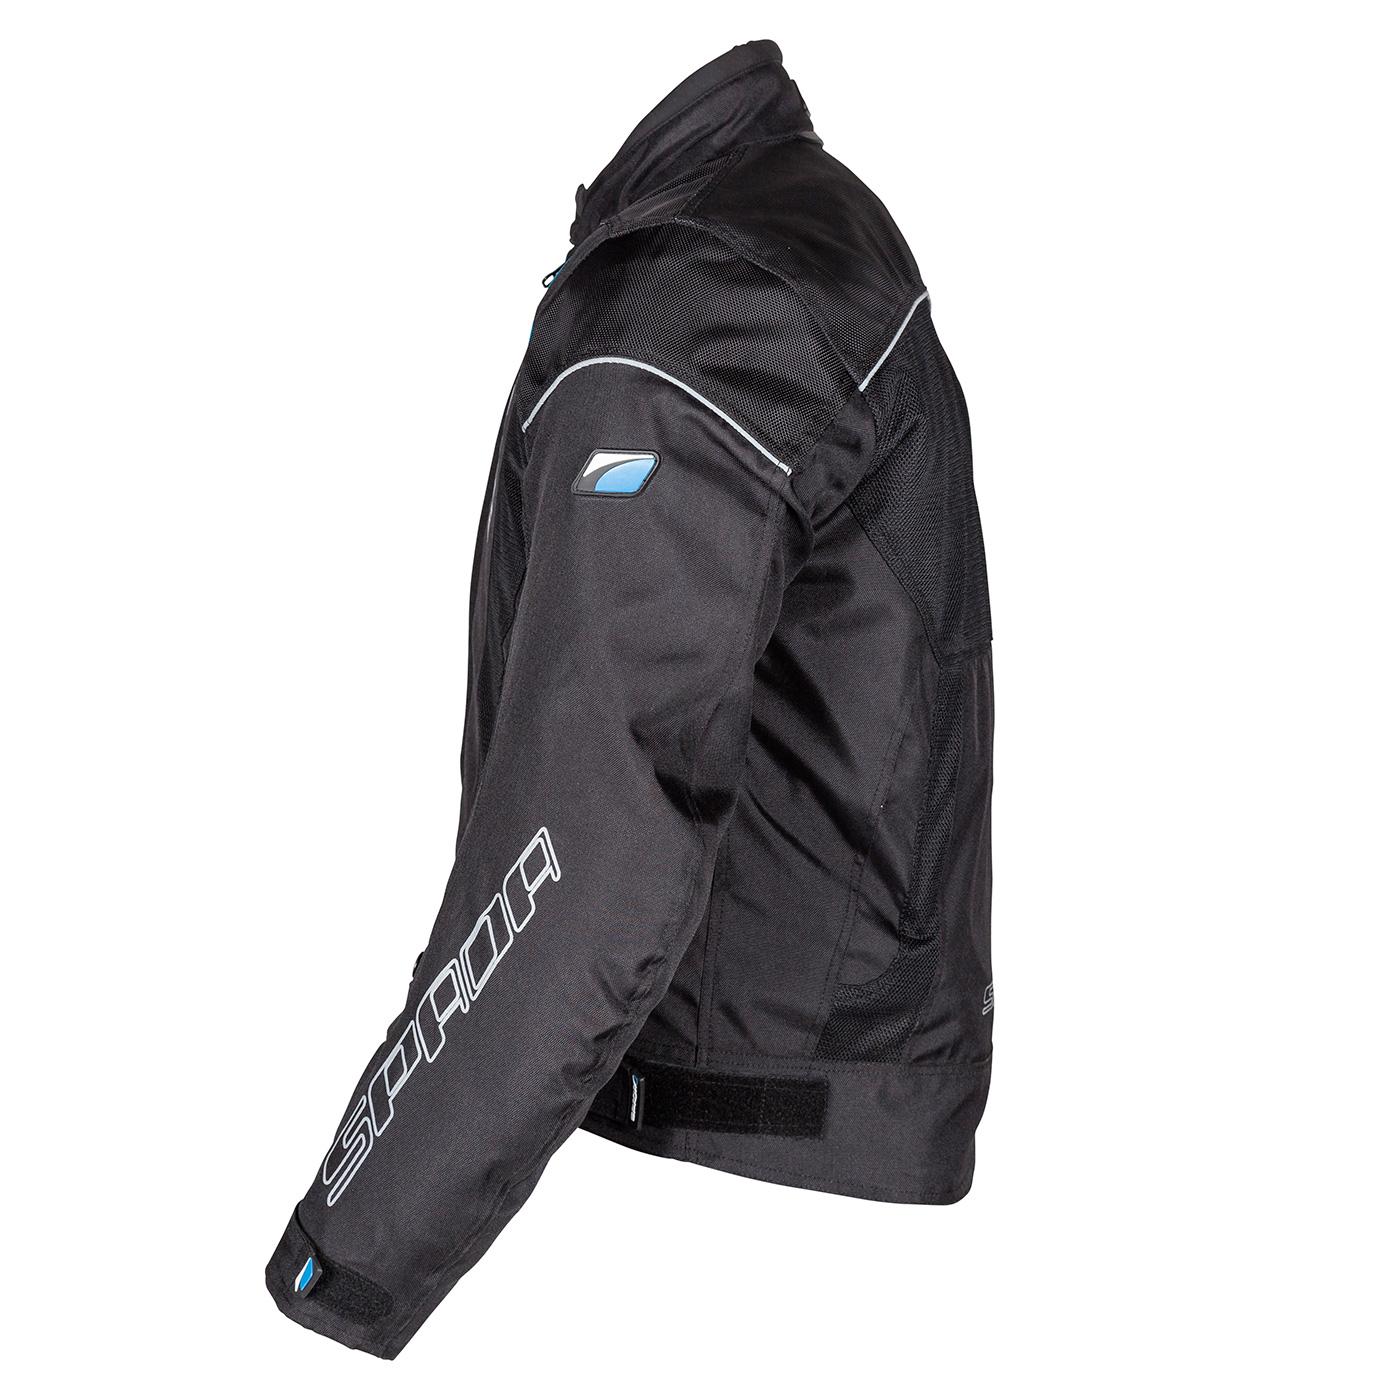 Spada Bunda AIR PRO čierna (priedušná) + dažďovka